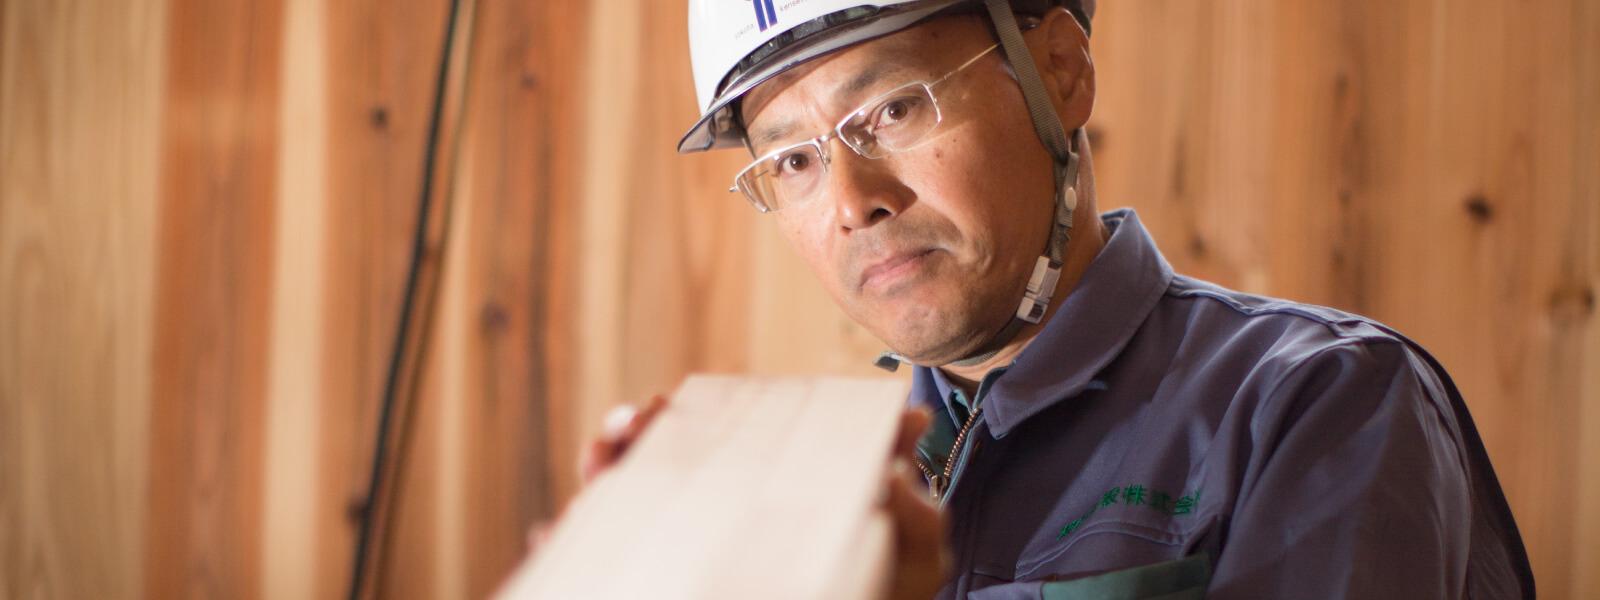 明石さんは最近入社されたようですね。どうして横田建設を選びましたか?